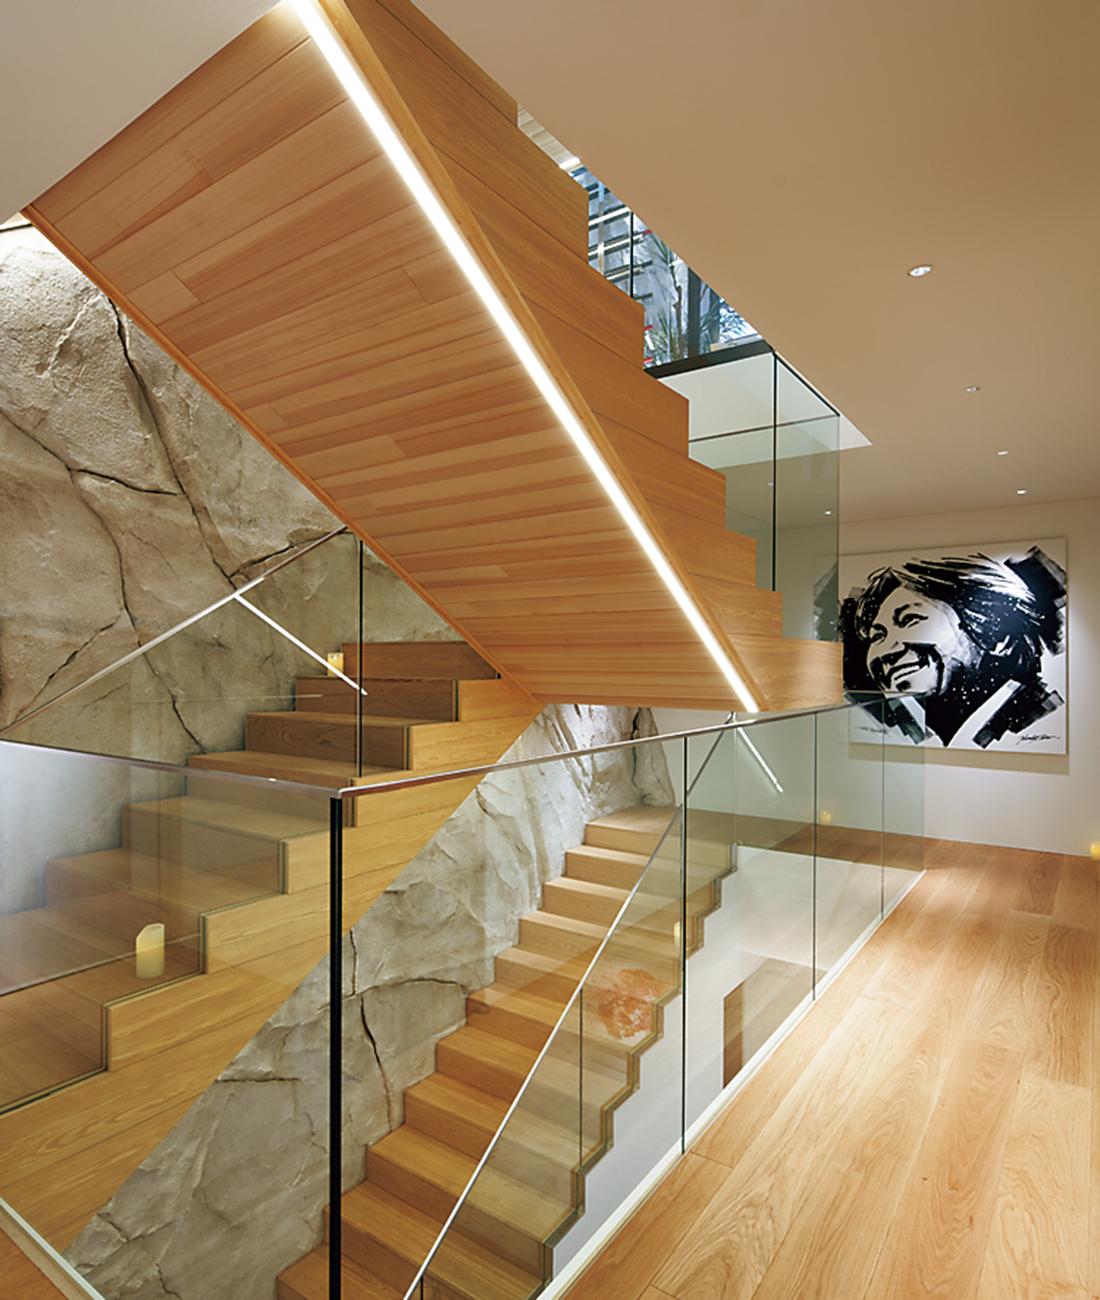 階段下のエッジに埋めこまれた照明